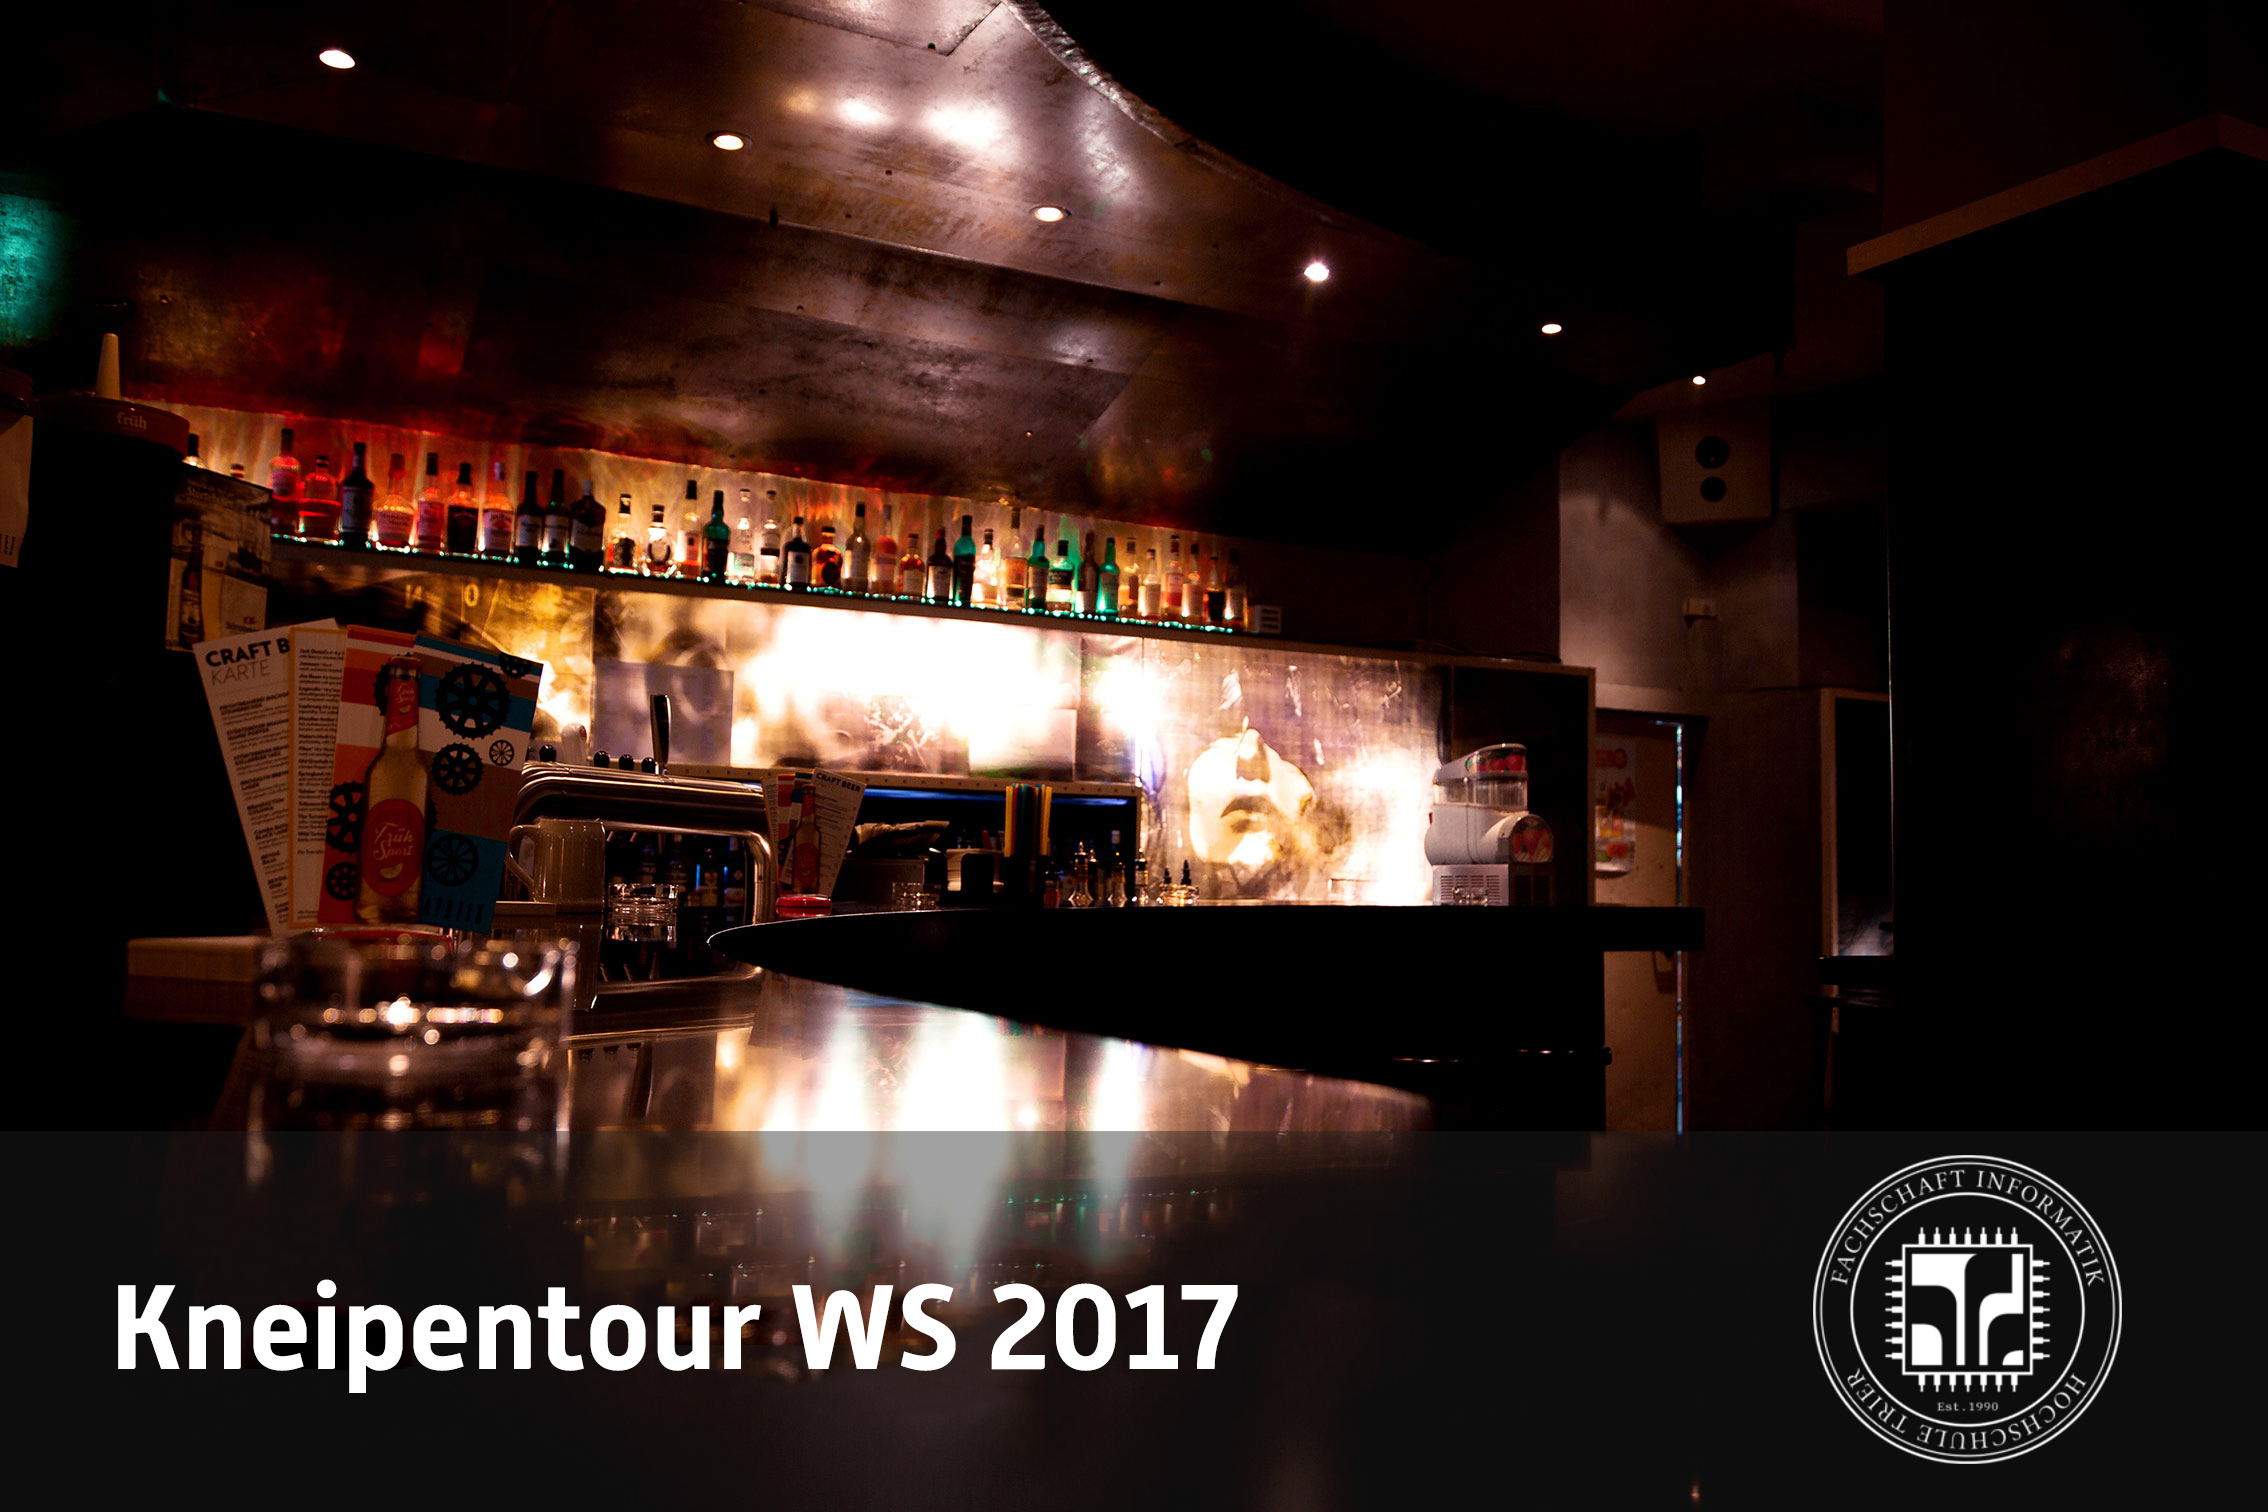 Kneipentour WS 2017/2018